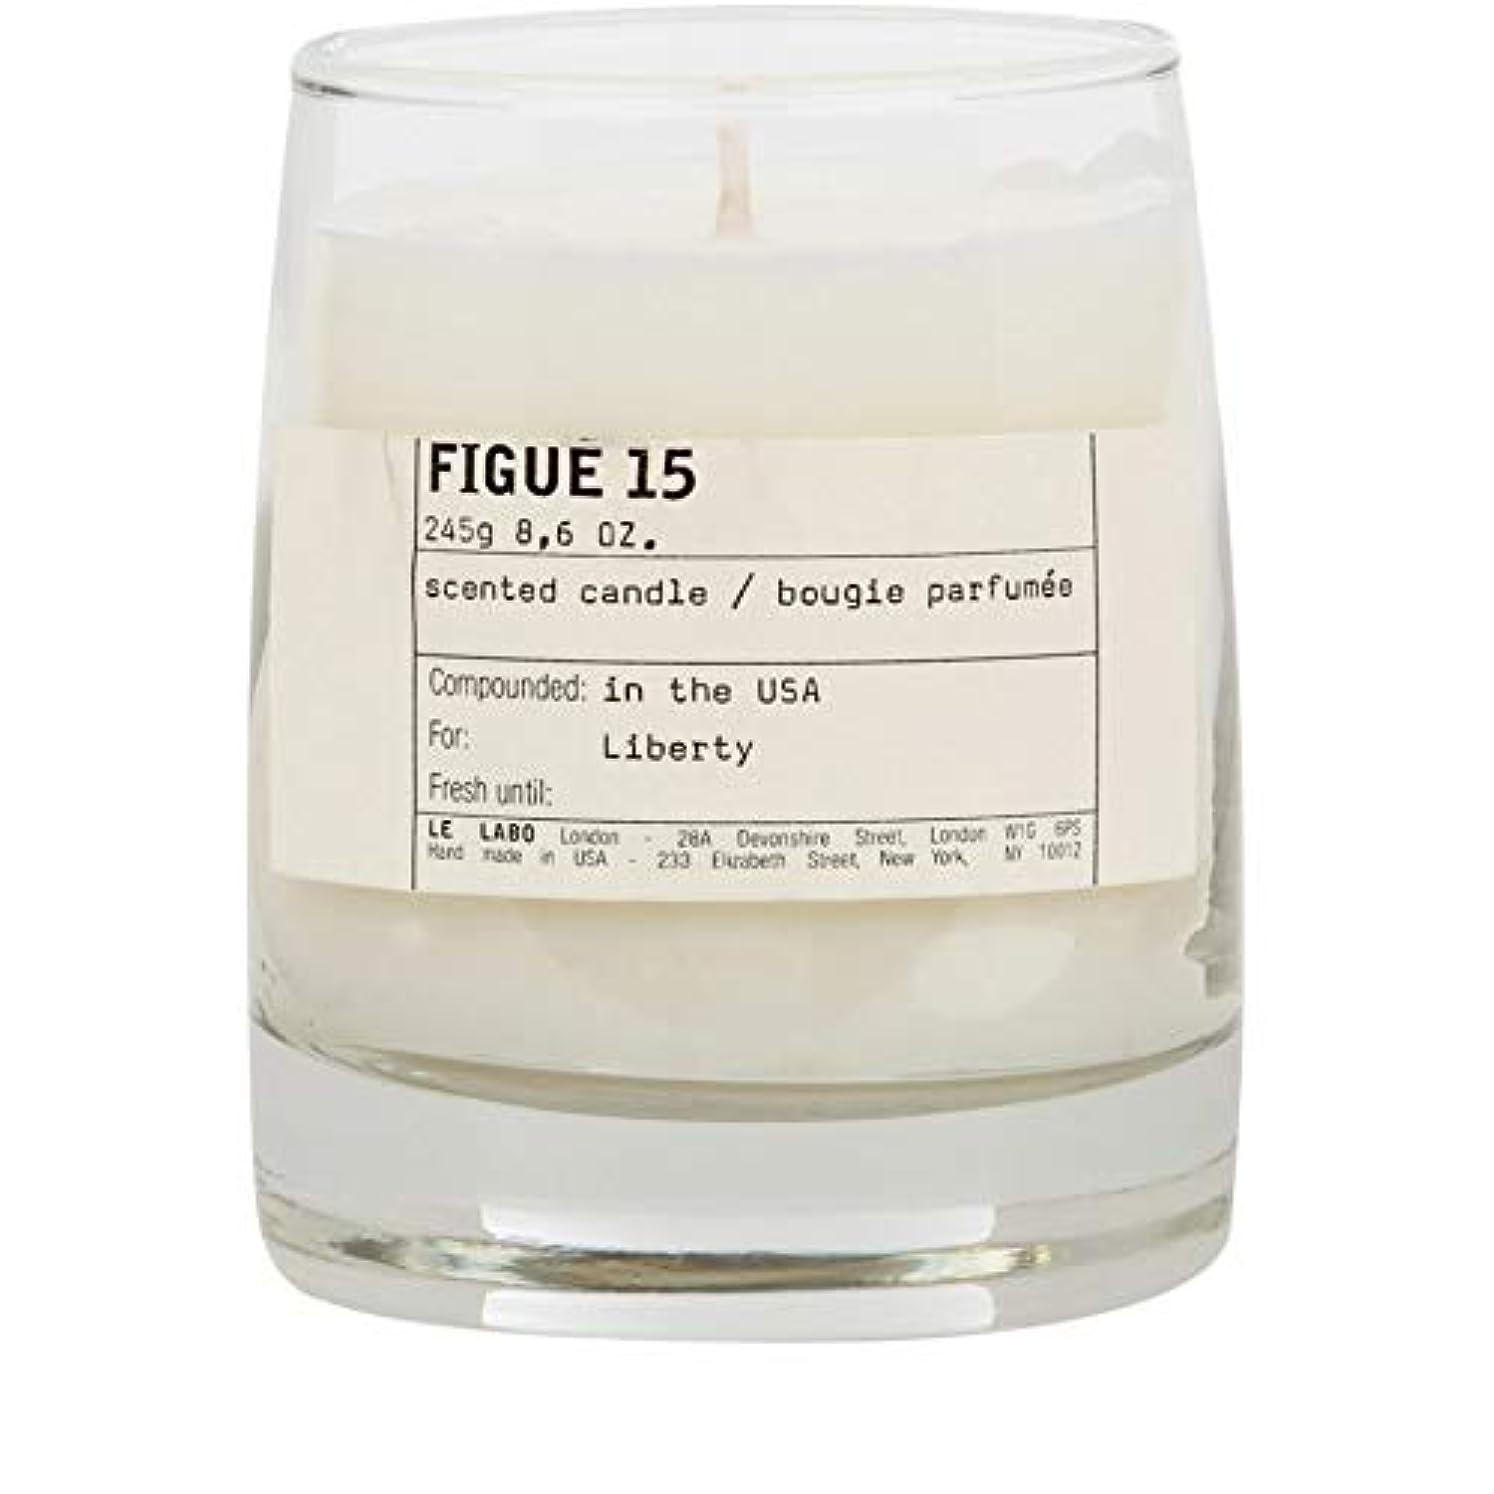 露出度の高い一般化するパントリー[Le Labo ] ルラボFigue 15キャンドル245グラム - Le Labo Figue 15 Candle 245g [並行輸入品]